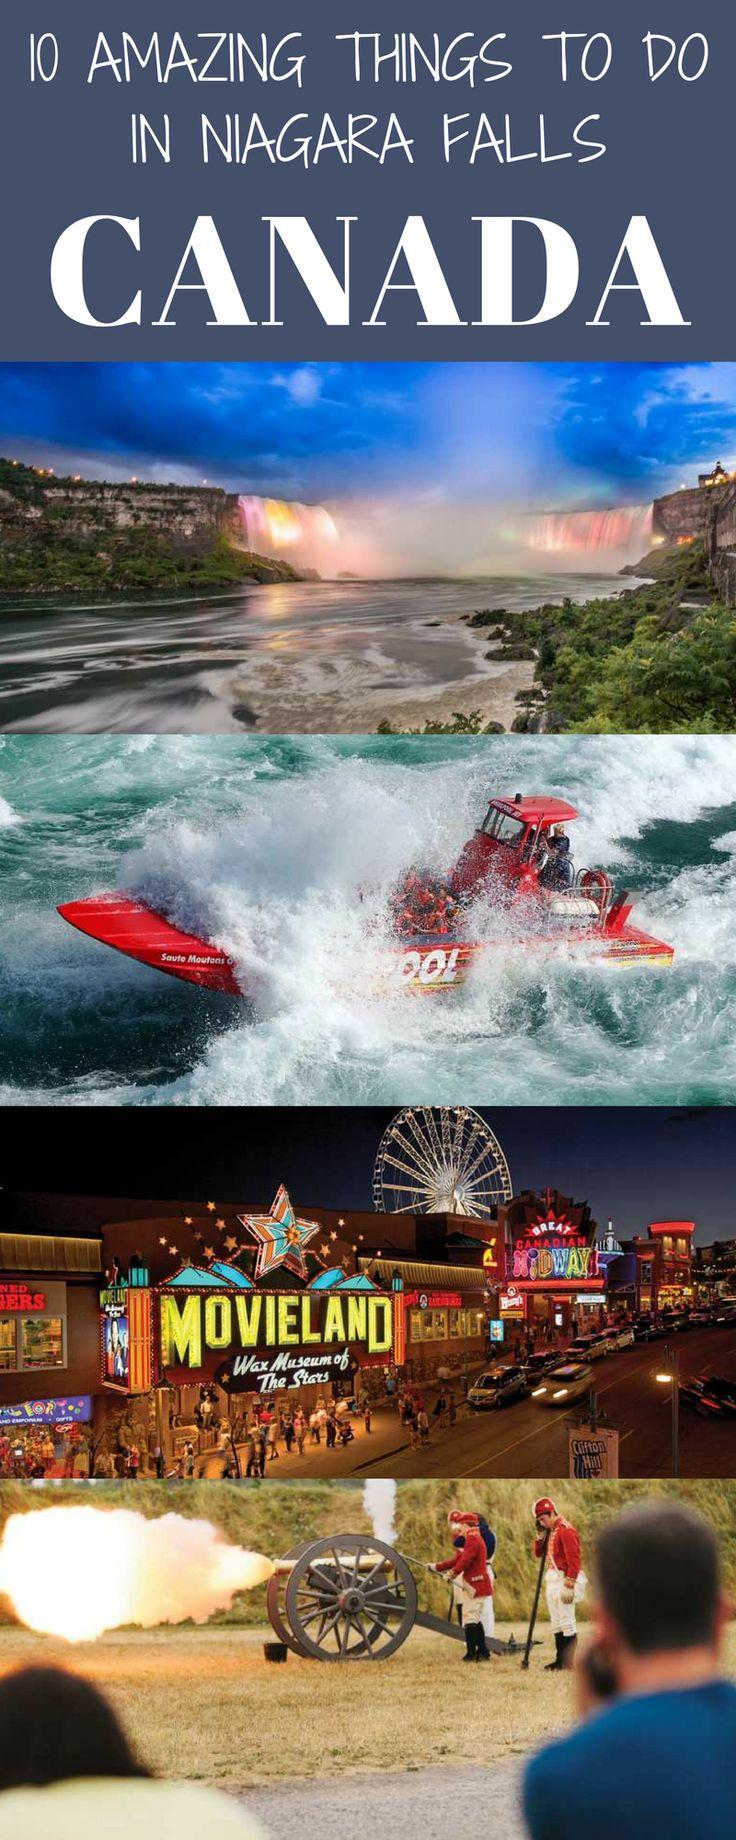 Scrapbook ideas niagara falls - 10 Amazing Things To Do In Niagara Falls Canada